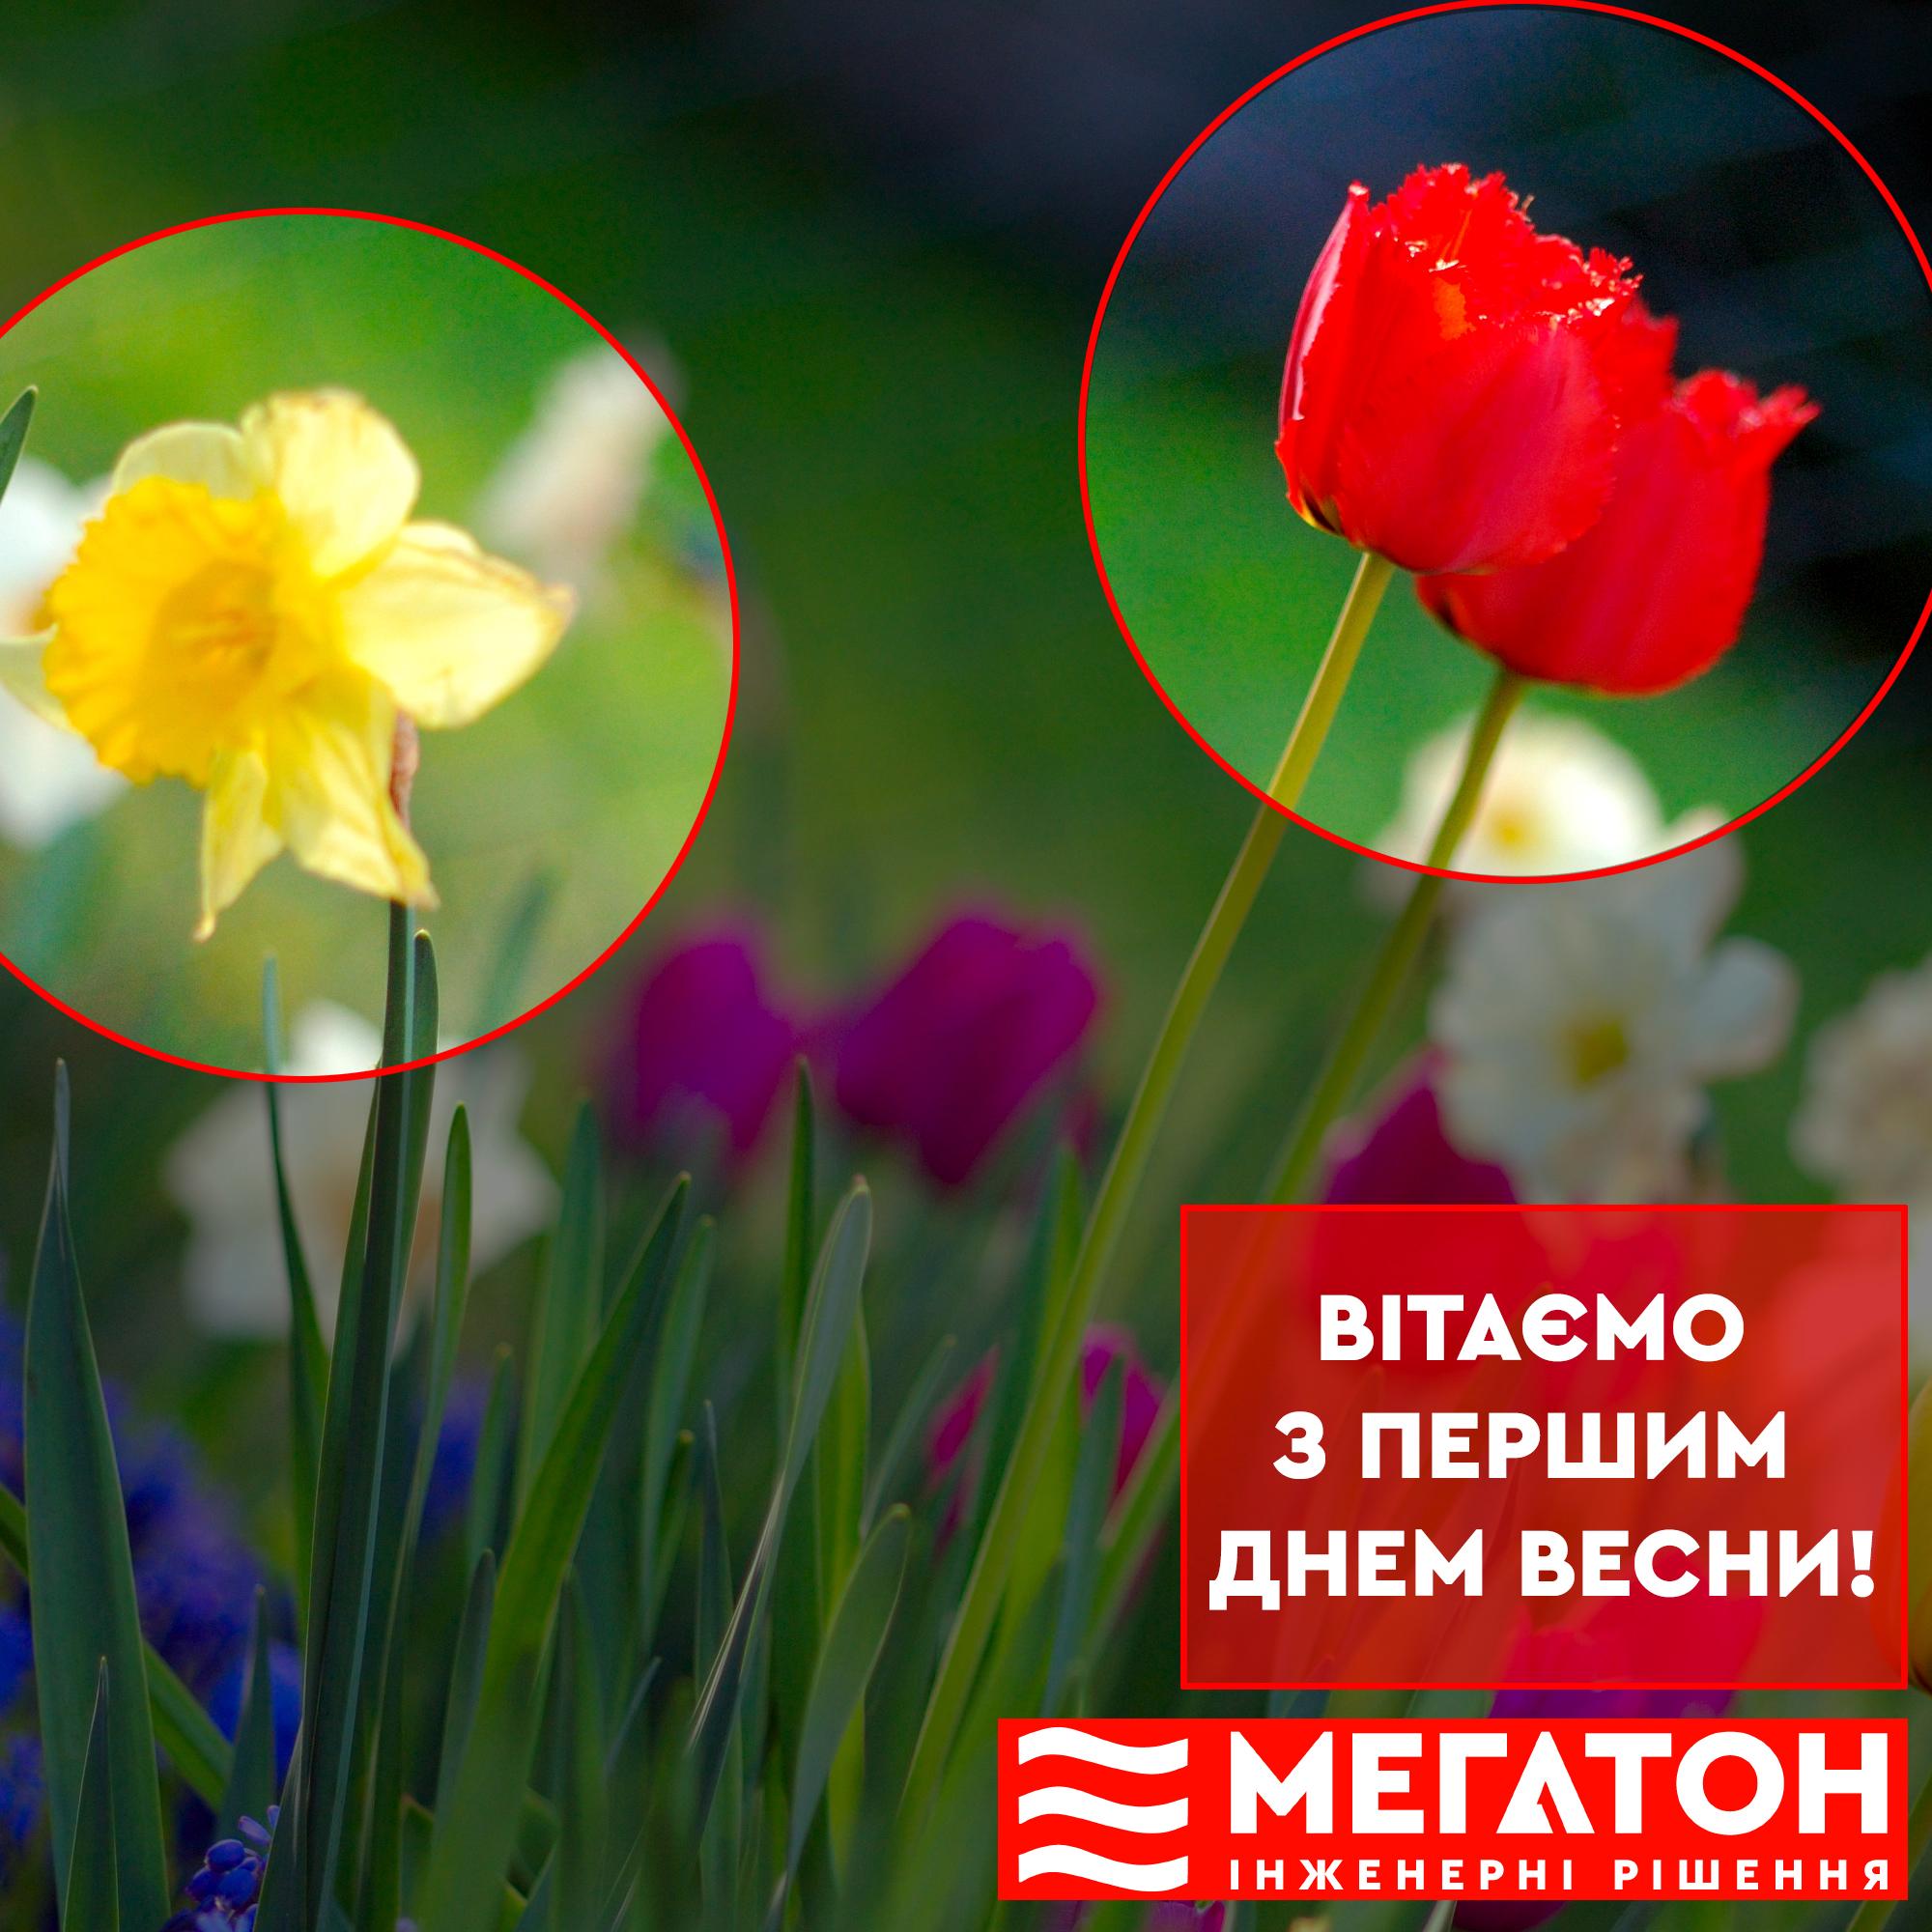 Вітаємо з першим днем весни!